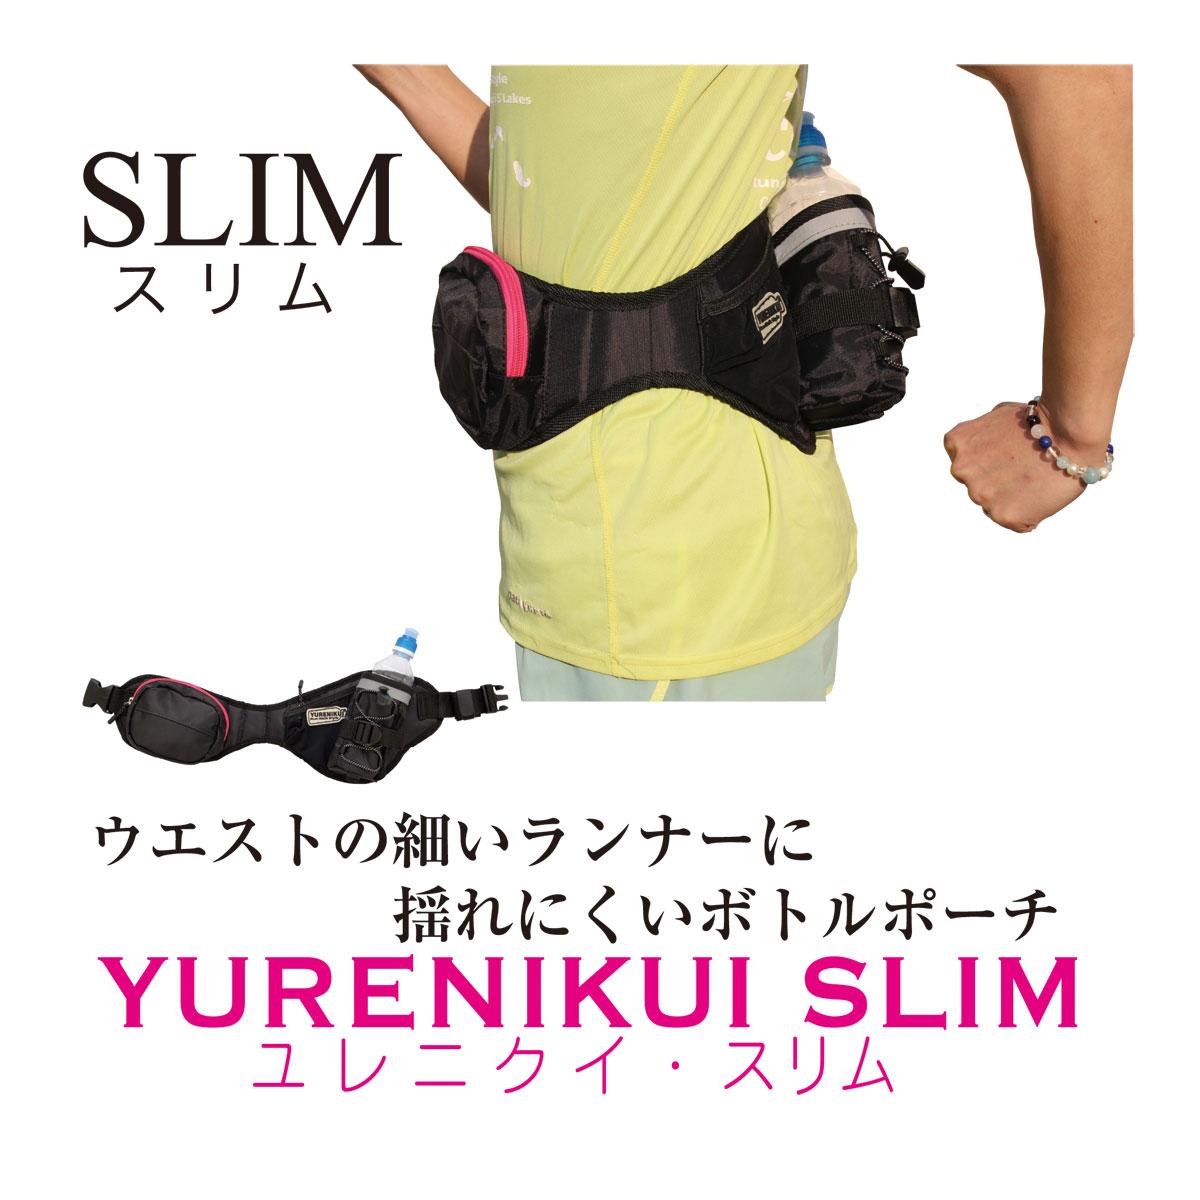 【スリム】リニューアルYURENIKIKUIボトルポーチ【SLIM スリム(ウエストが細めの方へ)】 ブラックxピンク ゆれにくい ランニング ウォーキング